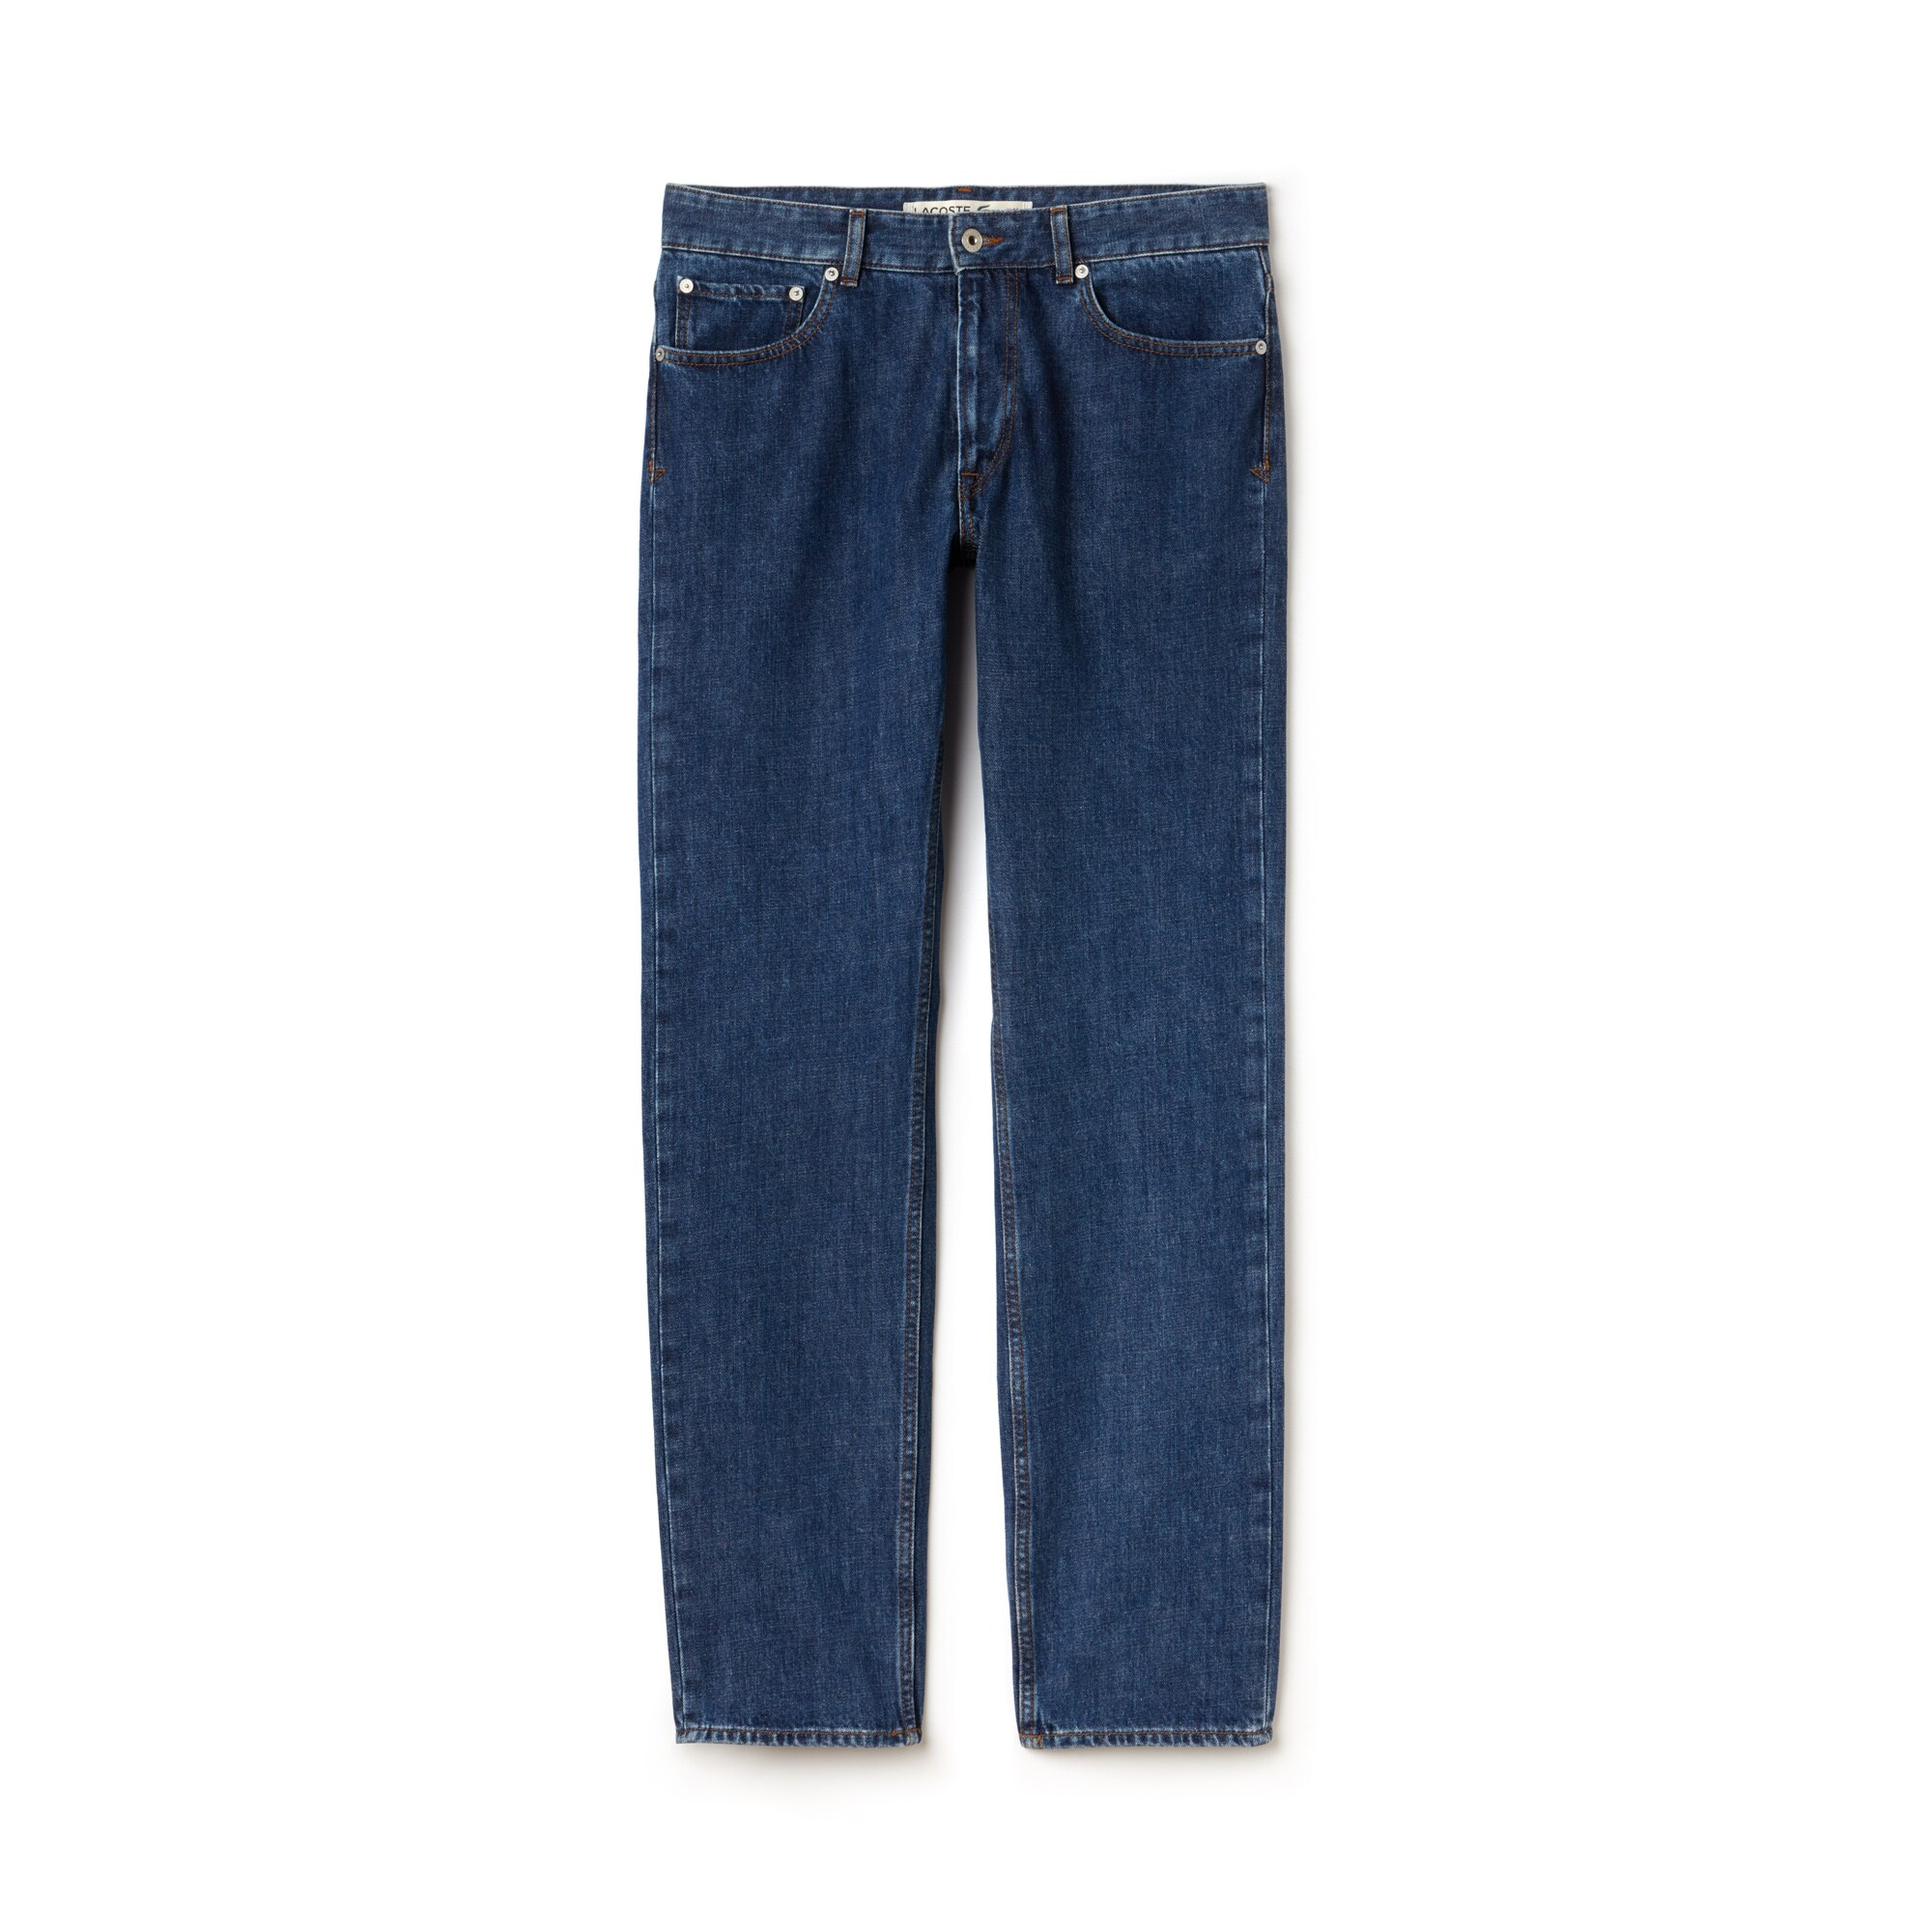 Herren-Jeans aus Baumwolle in geradem Schnitt mit fünf Taschen